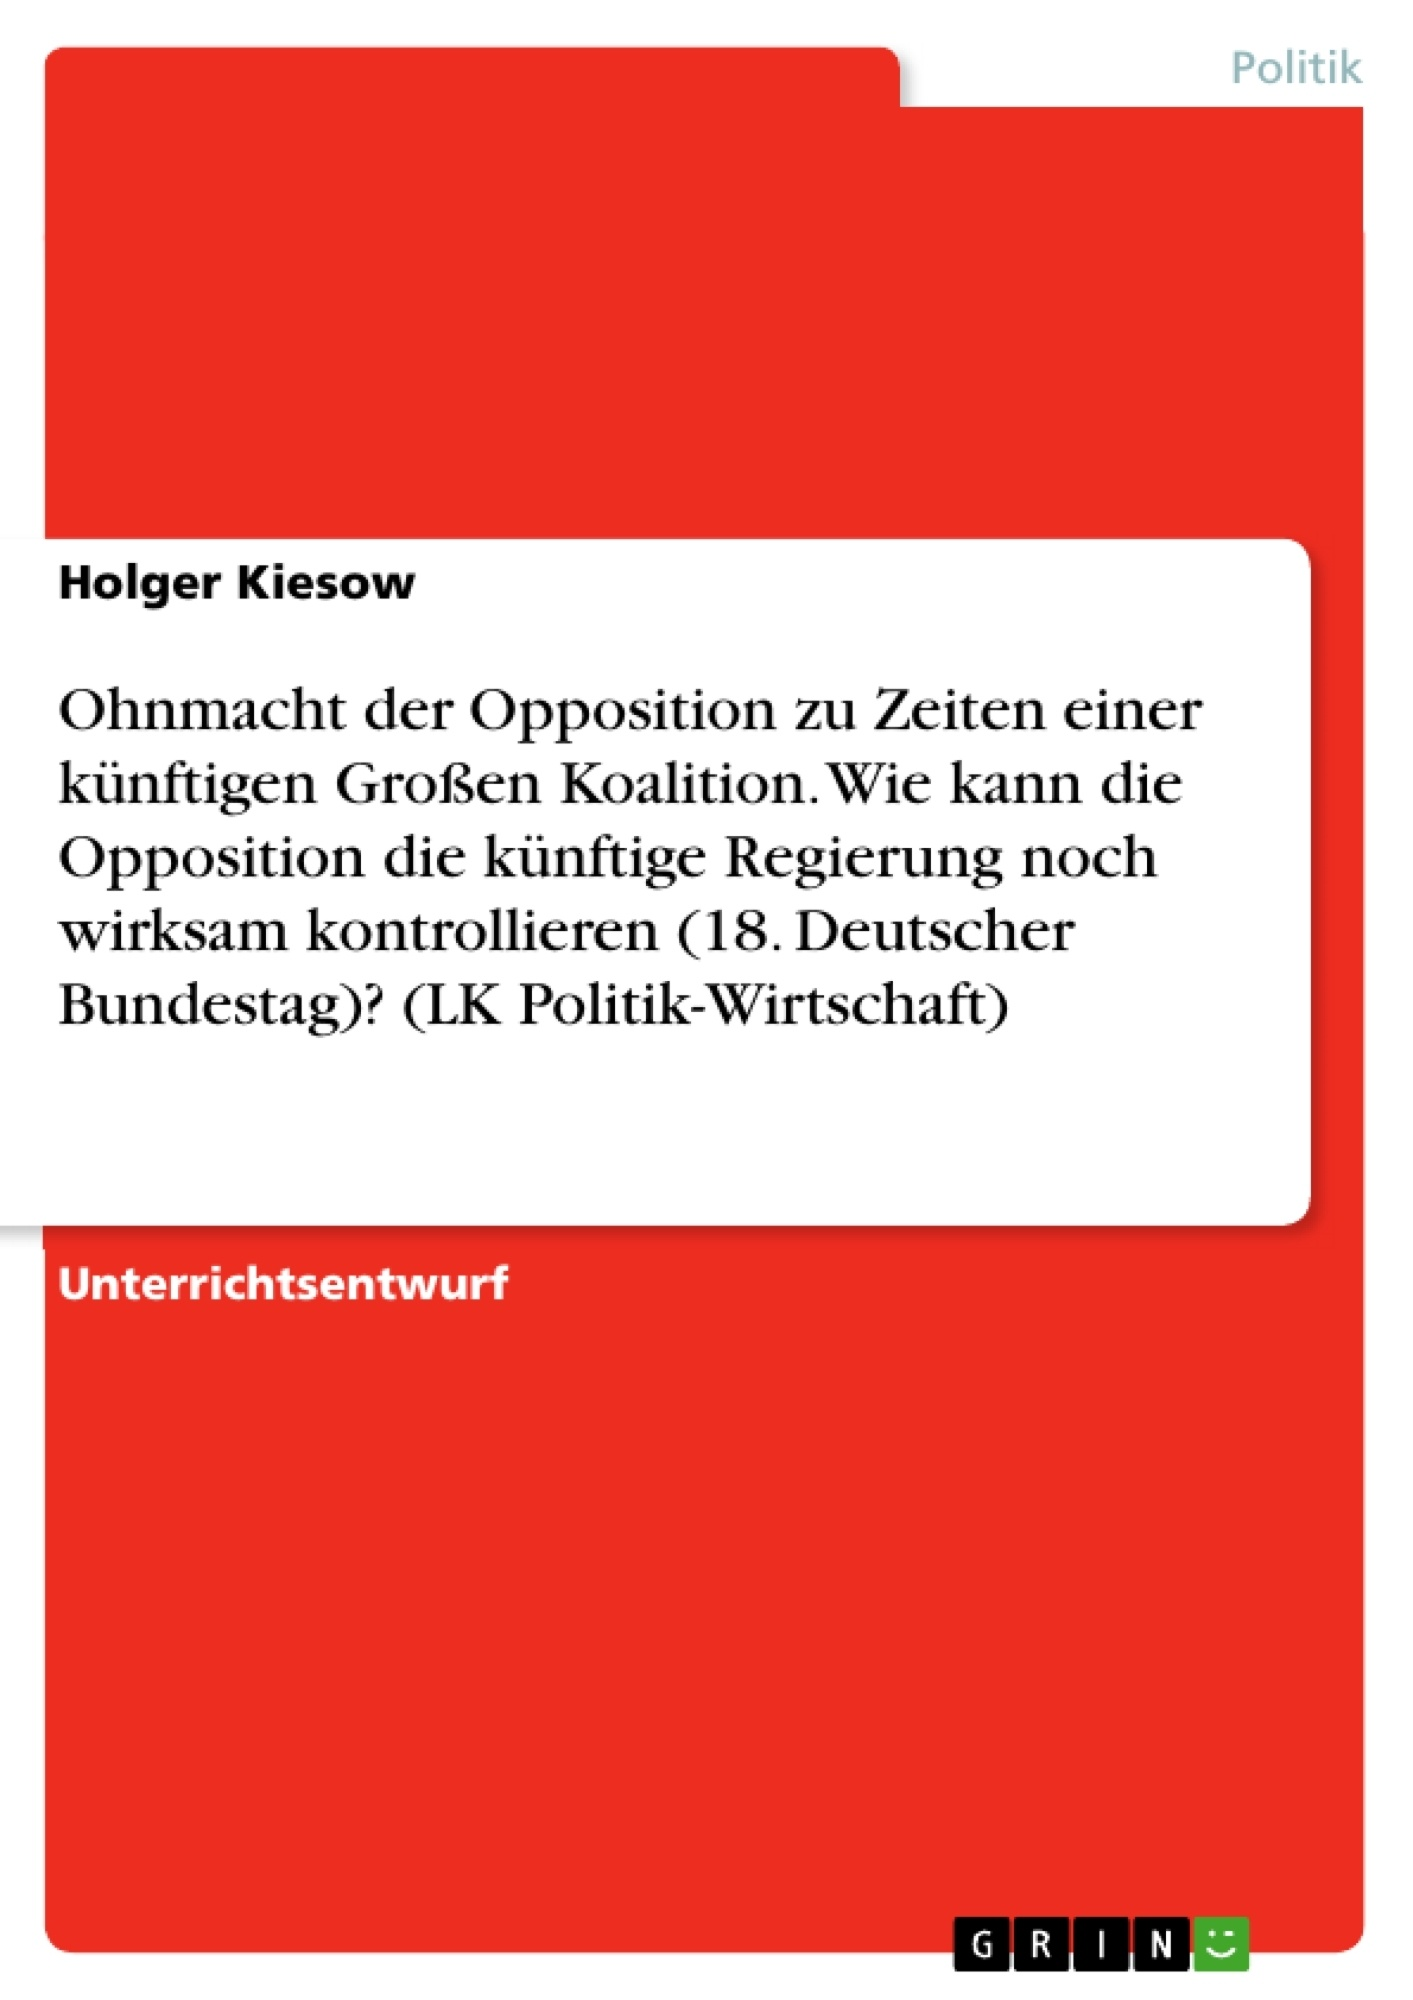 Titel: Ohnmacht der Opposition zu Zeiten einer künftigen Großen Koalition. Wie kann die Opposition die künftige Regierung noch wirksam kontrollieren (18. Deutscher Bundestag)? (LK Politik-Wirtschaft)